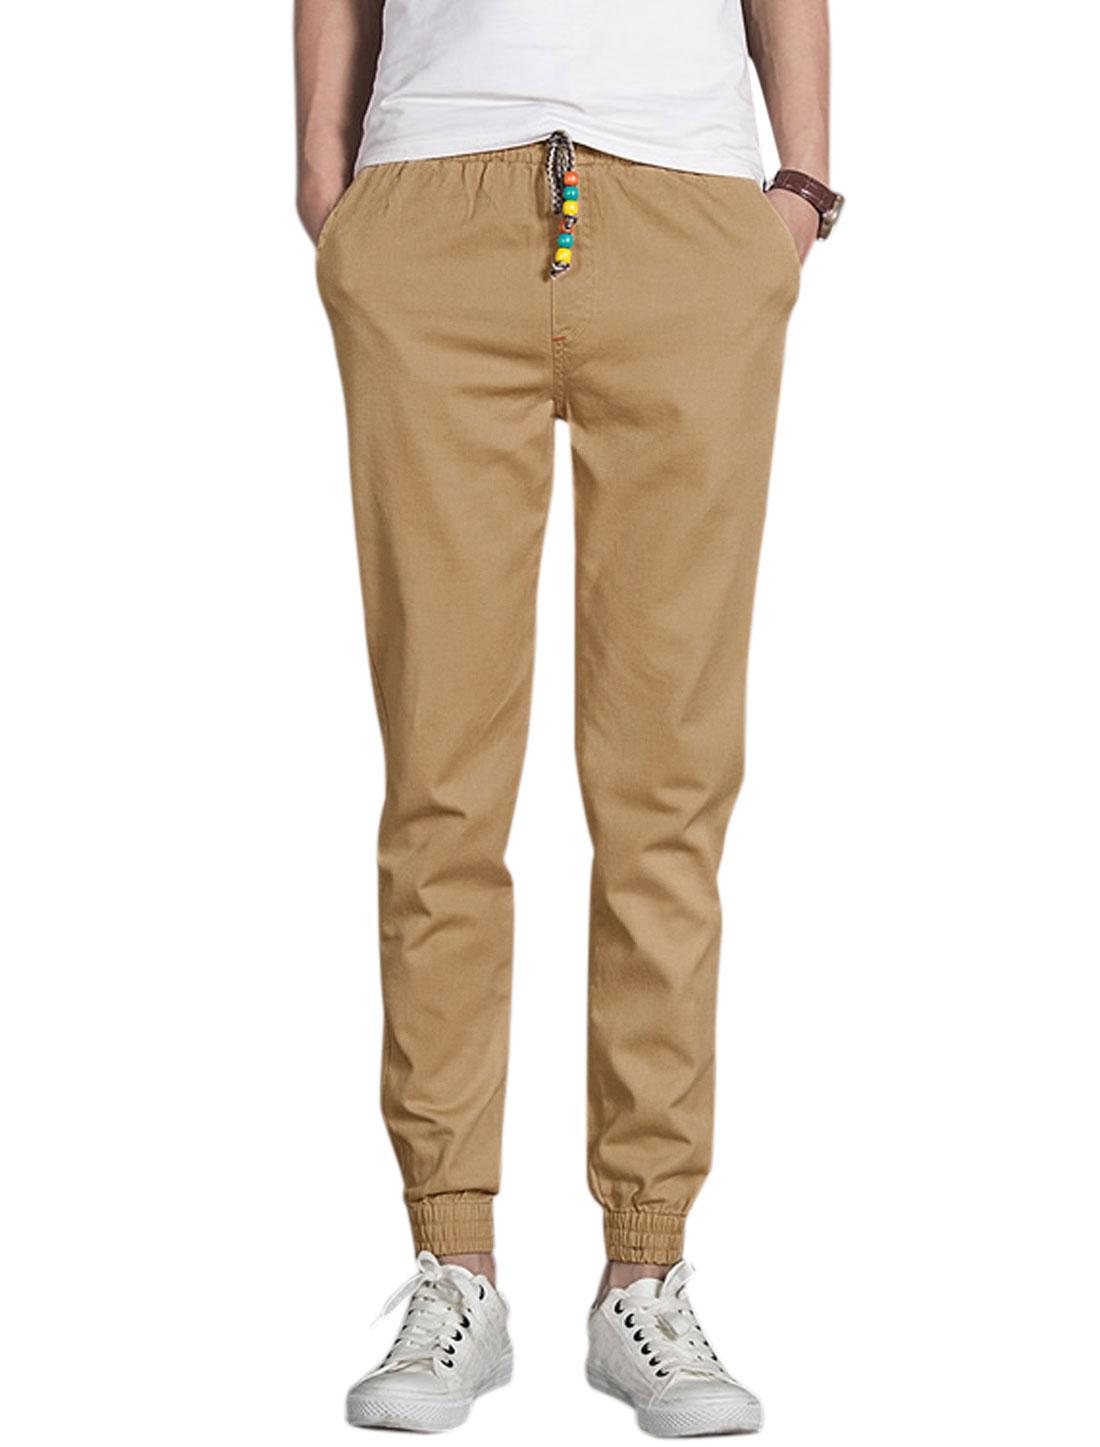 Men Drawcord Waist Mid Rise Elastic Cuffs Tapered Pants Khaki W30